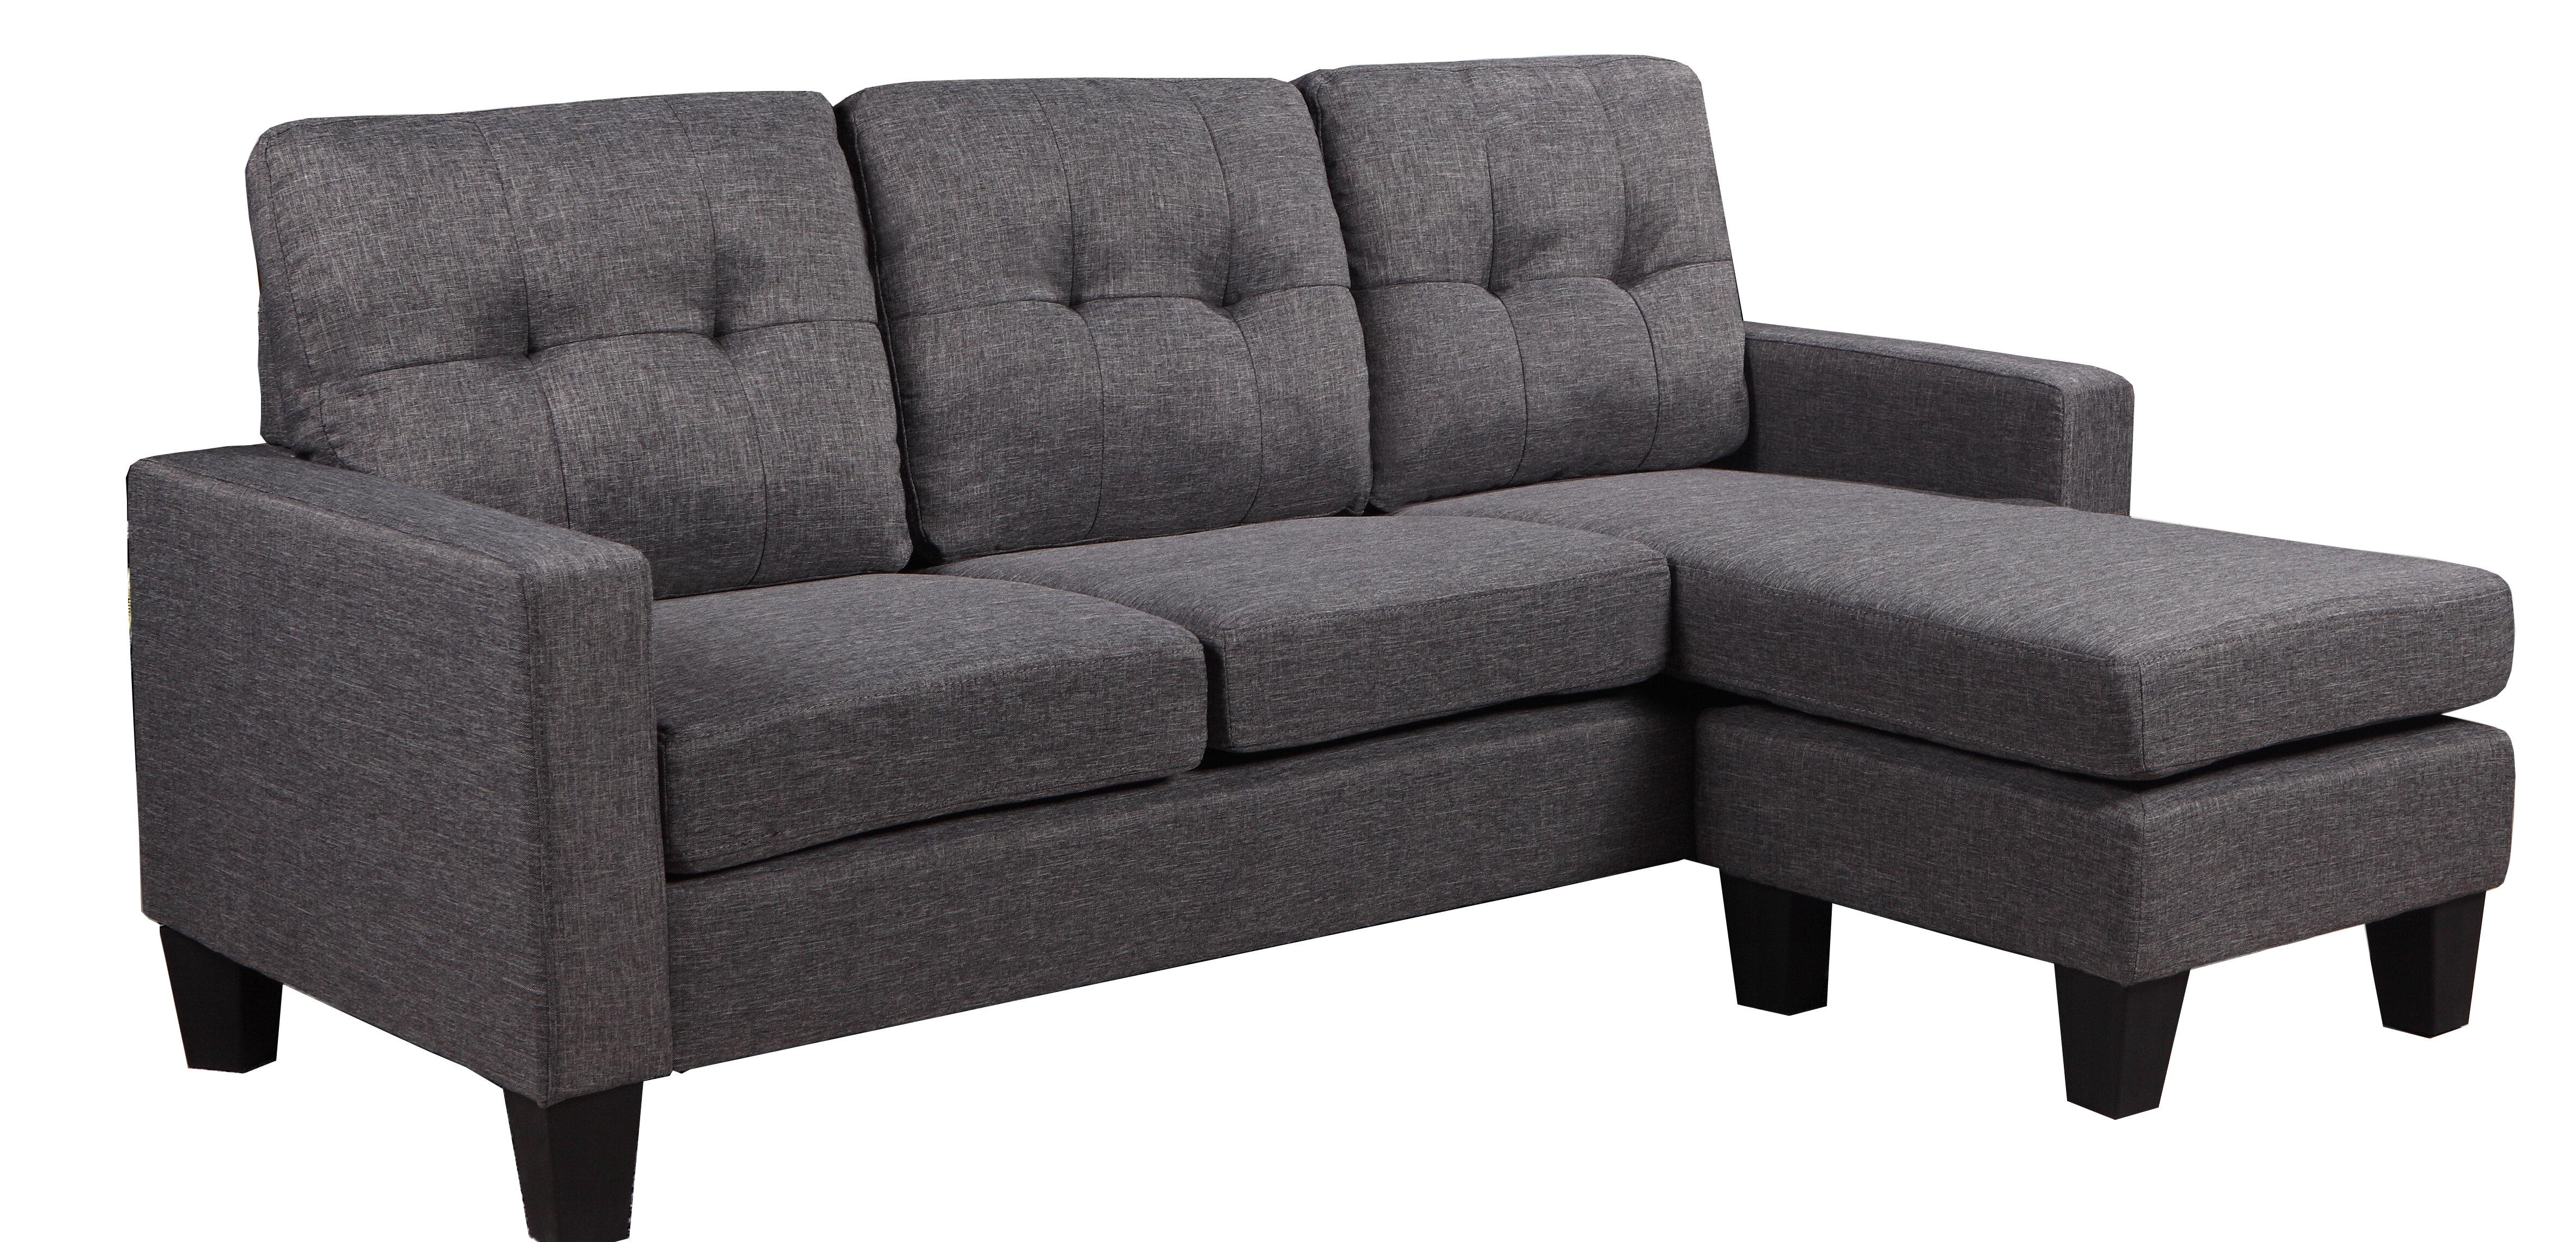 Astonishing Latitude Run Ruddock Reversible Sectional Reviews Wayfair Short Links Chair Design For Home Short Linksinfo